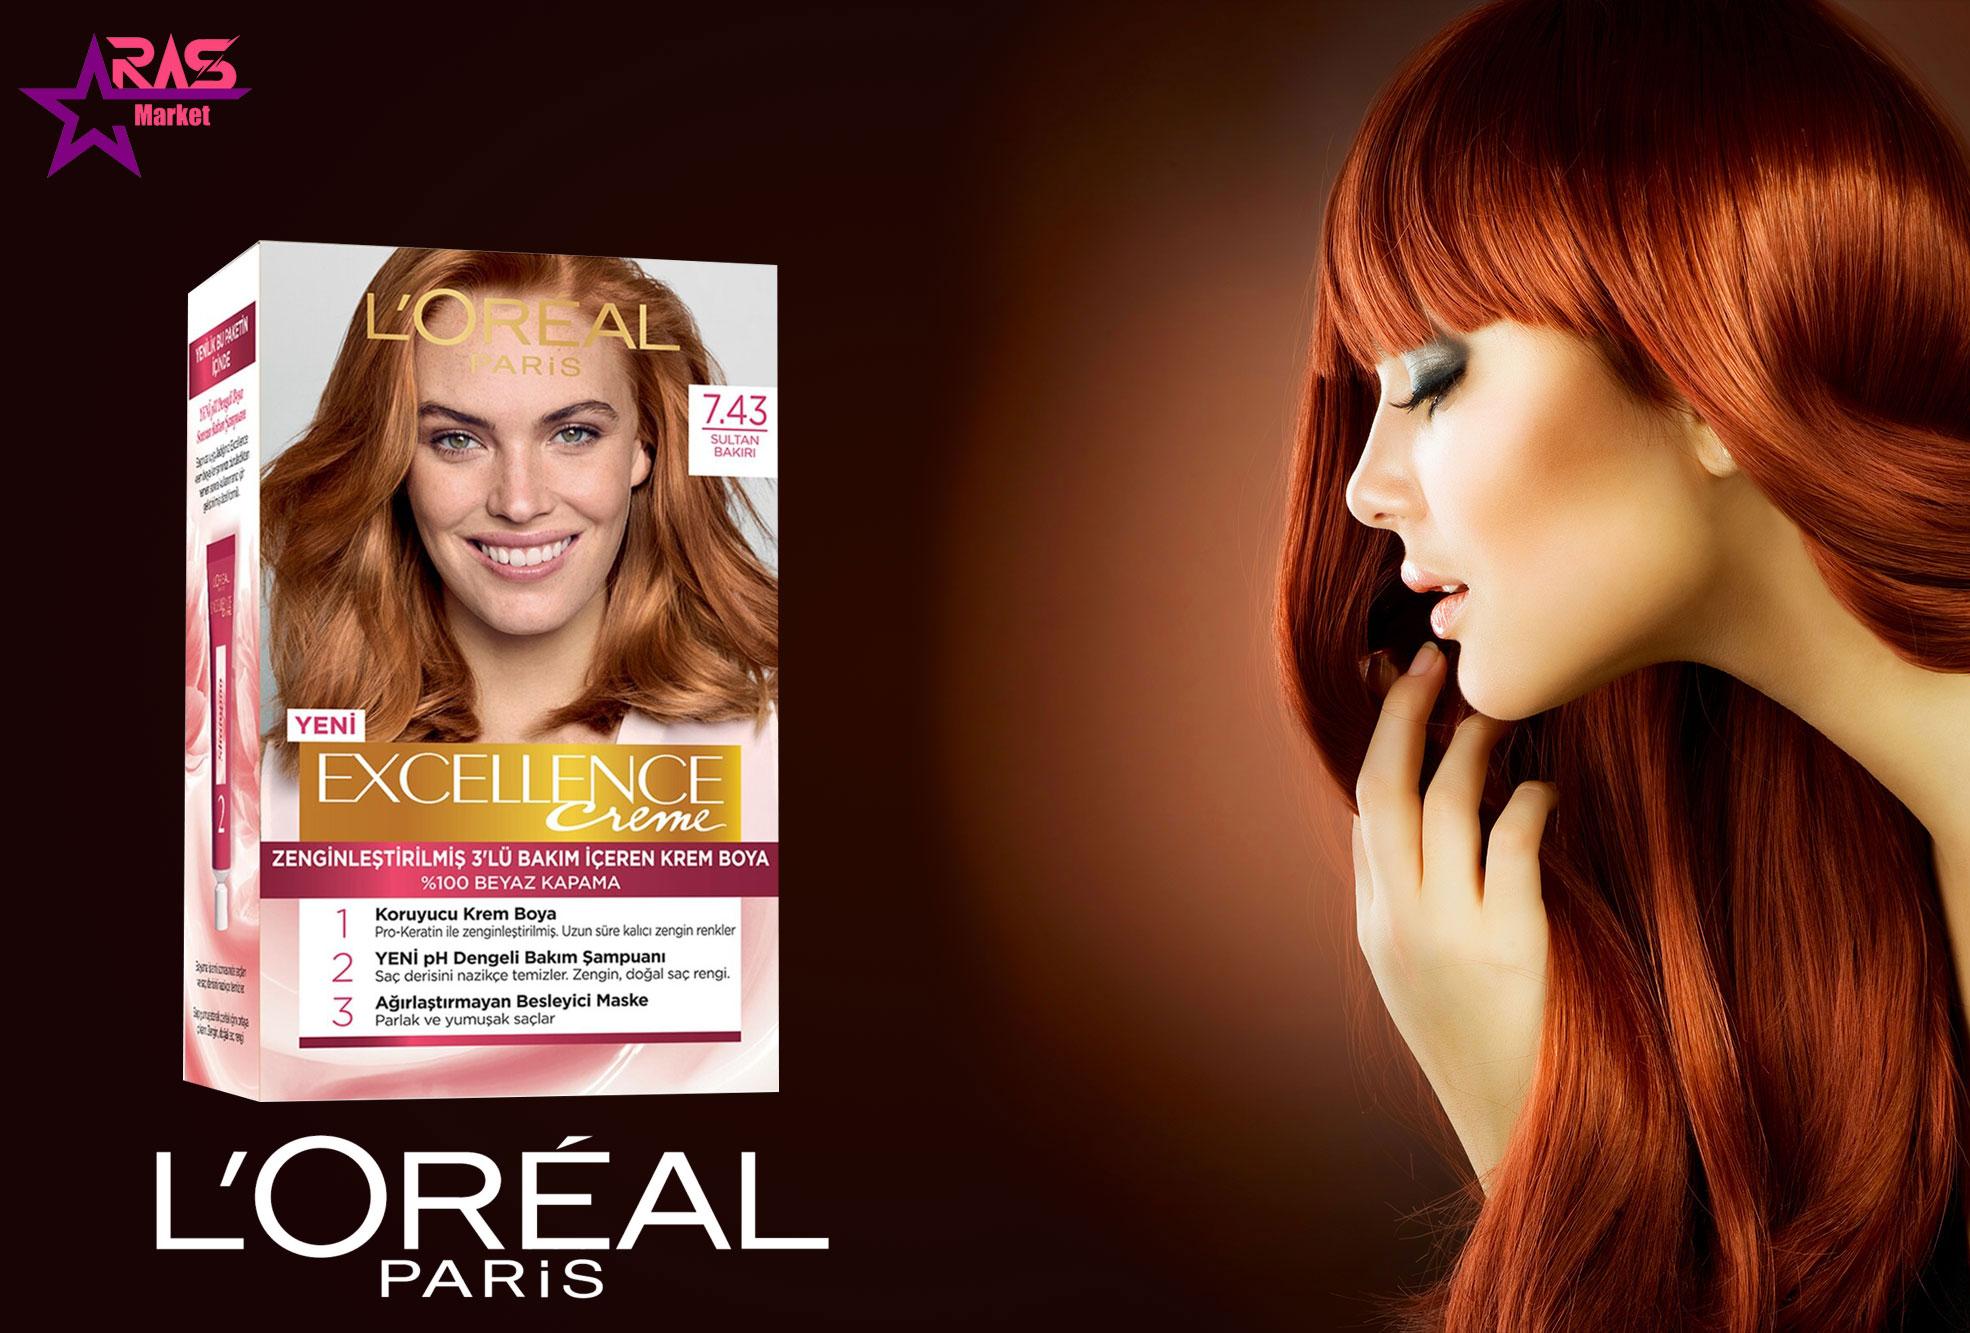 کیت رنگ مو لورآل سری Excellence شماره 7.43 ، خرید اینترنتی محصولات شوینده و بهداشتی ، بهداشت بانوان ، رنگ موی زنانه